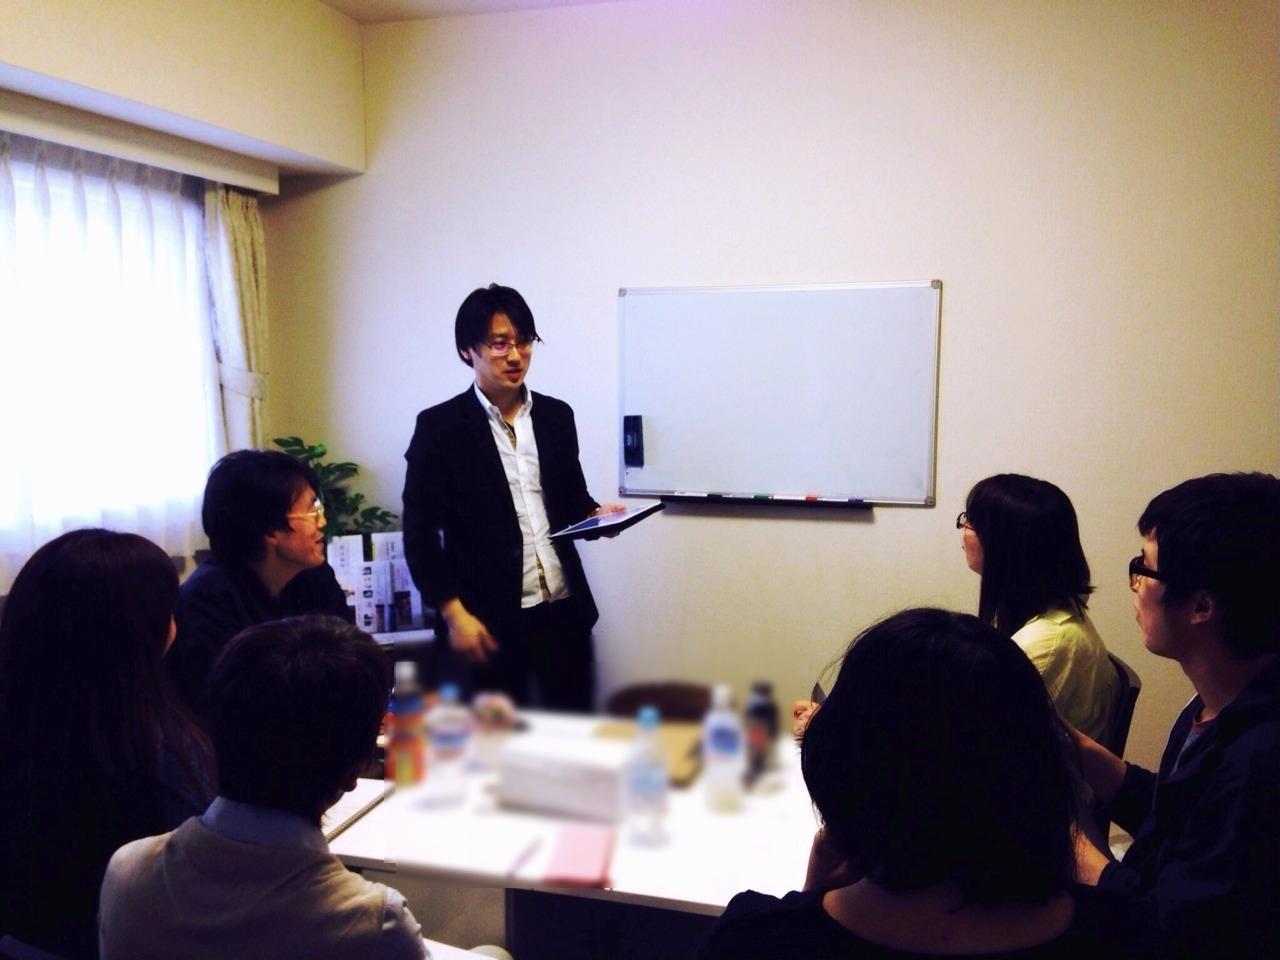 心匠セラピスト養成コース6期 初回授業体験講座